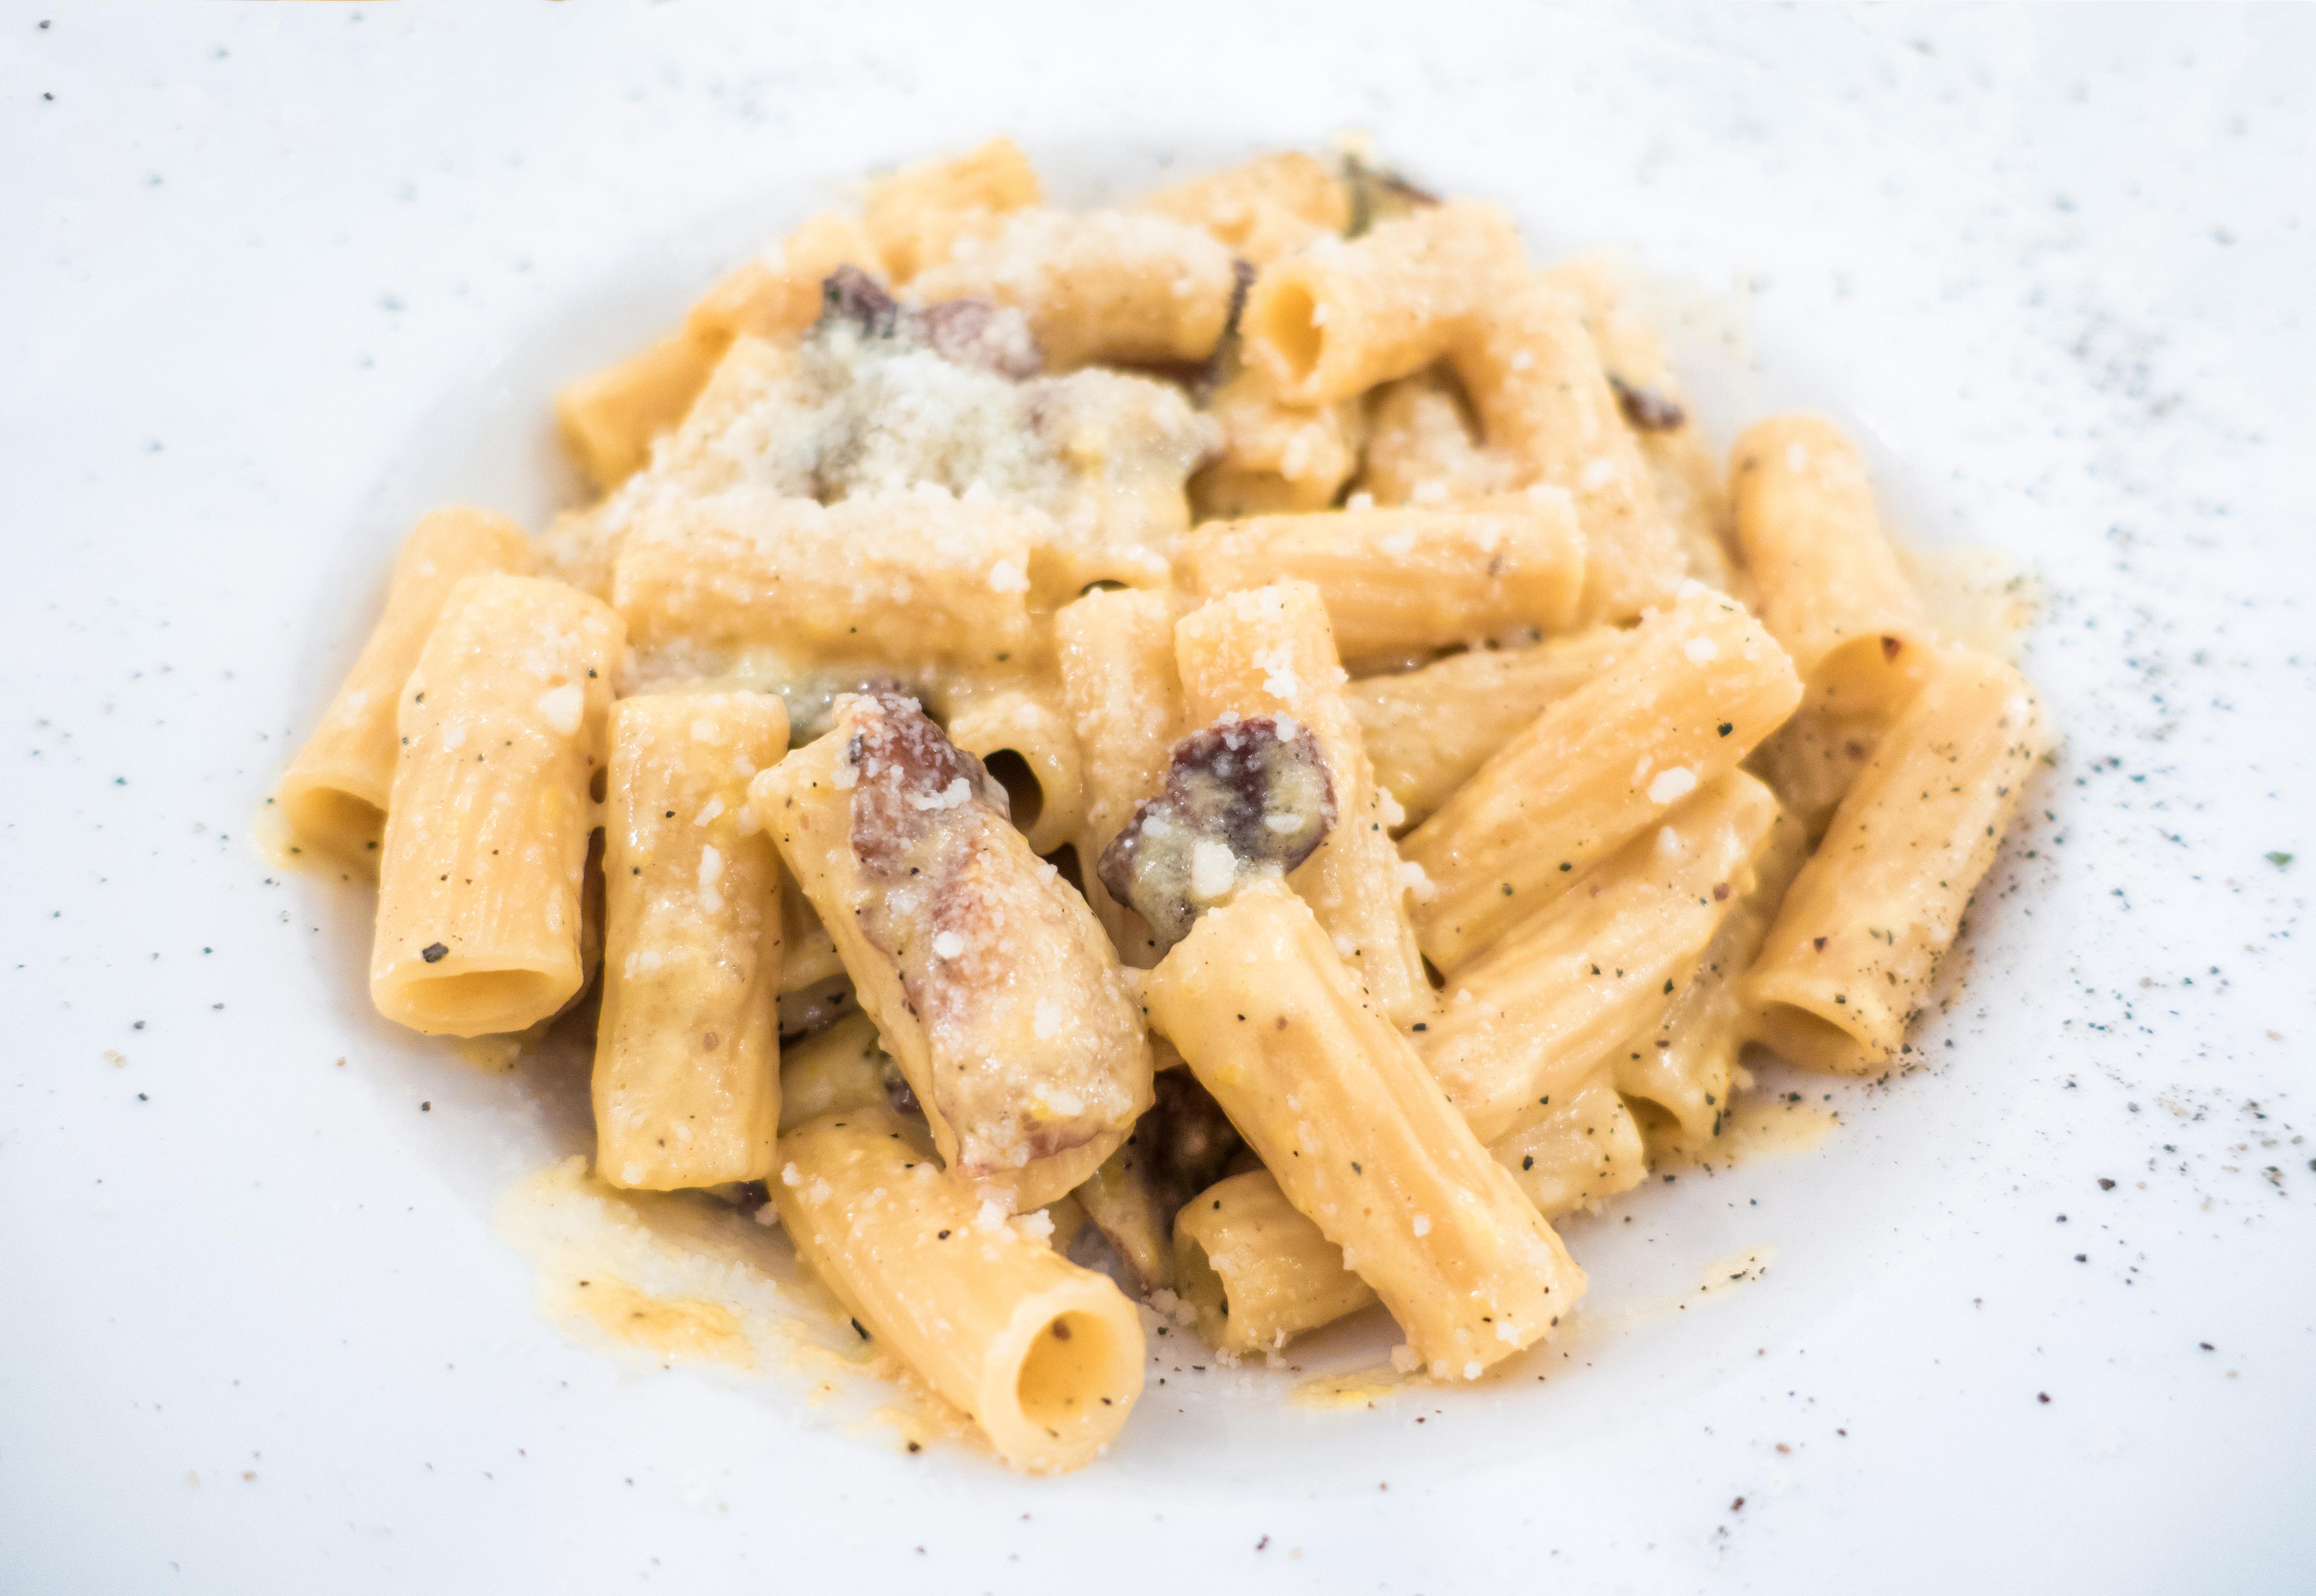 Degusta lo mejor de la gastronomía italiana - Italia Escapada Escapada Sur de Italia: de Nápoles a Puglia